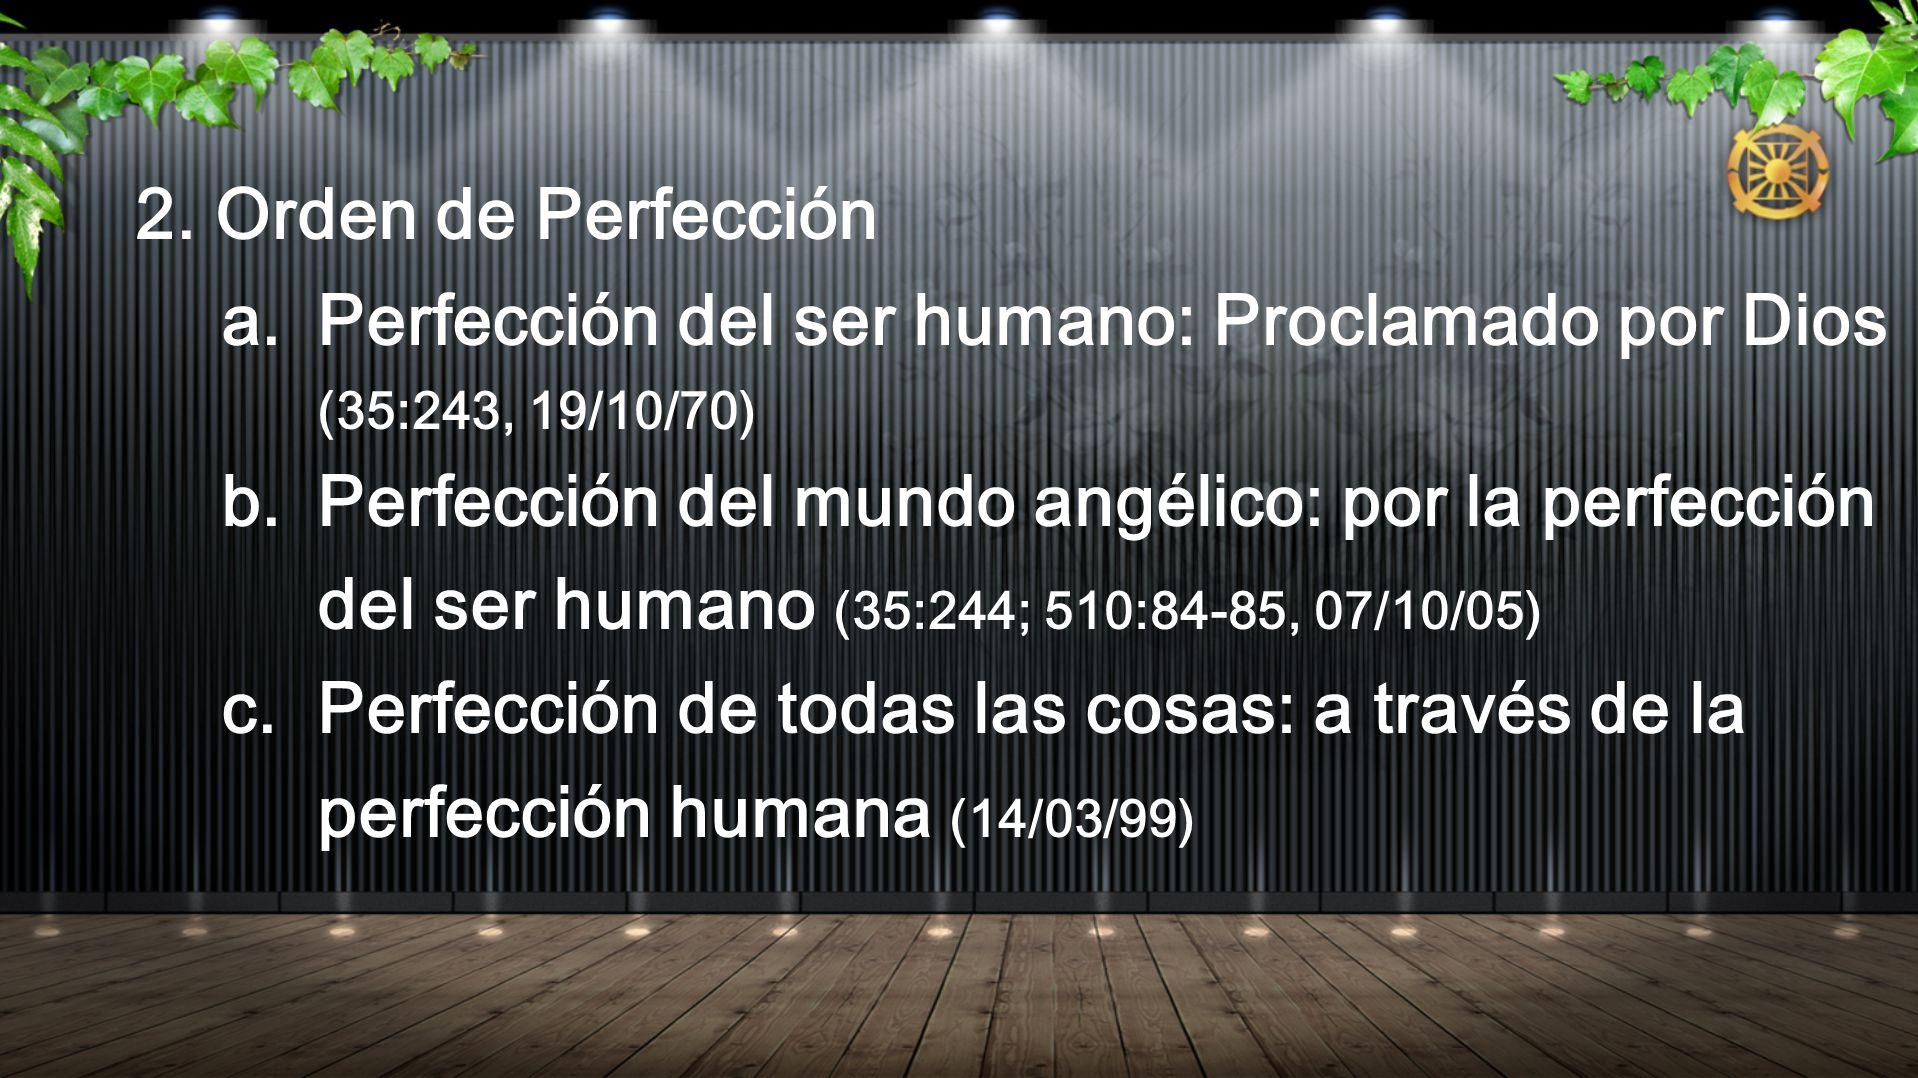 2. Orden de Perfección Perfección del ser humano: Proclamado por Dios (35:243, 19/10/70)